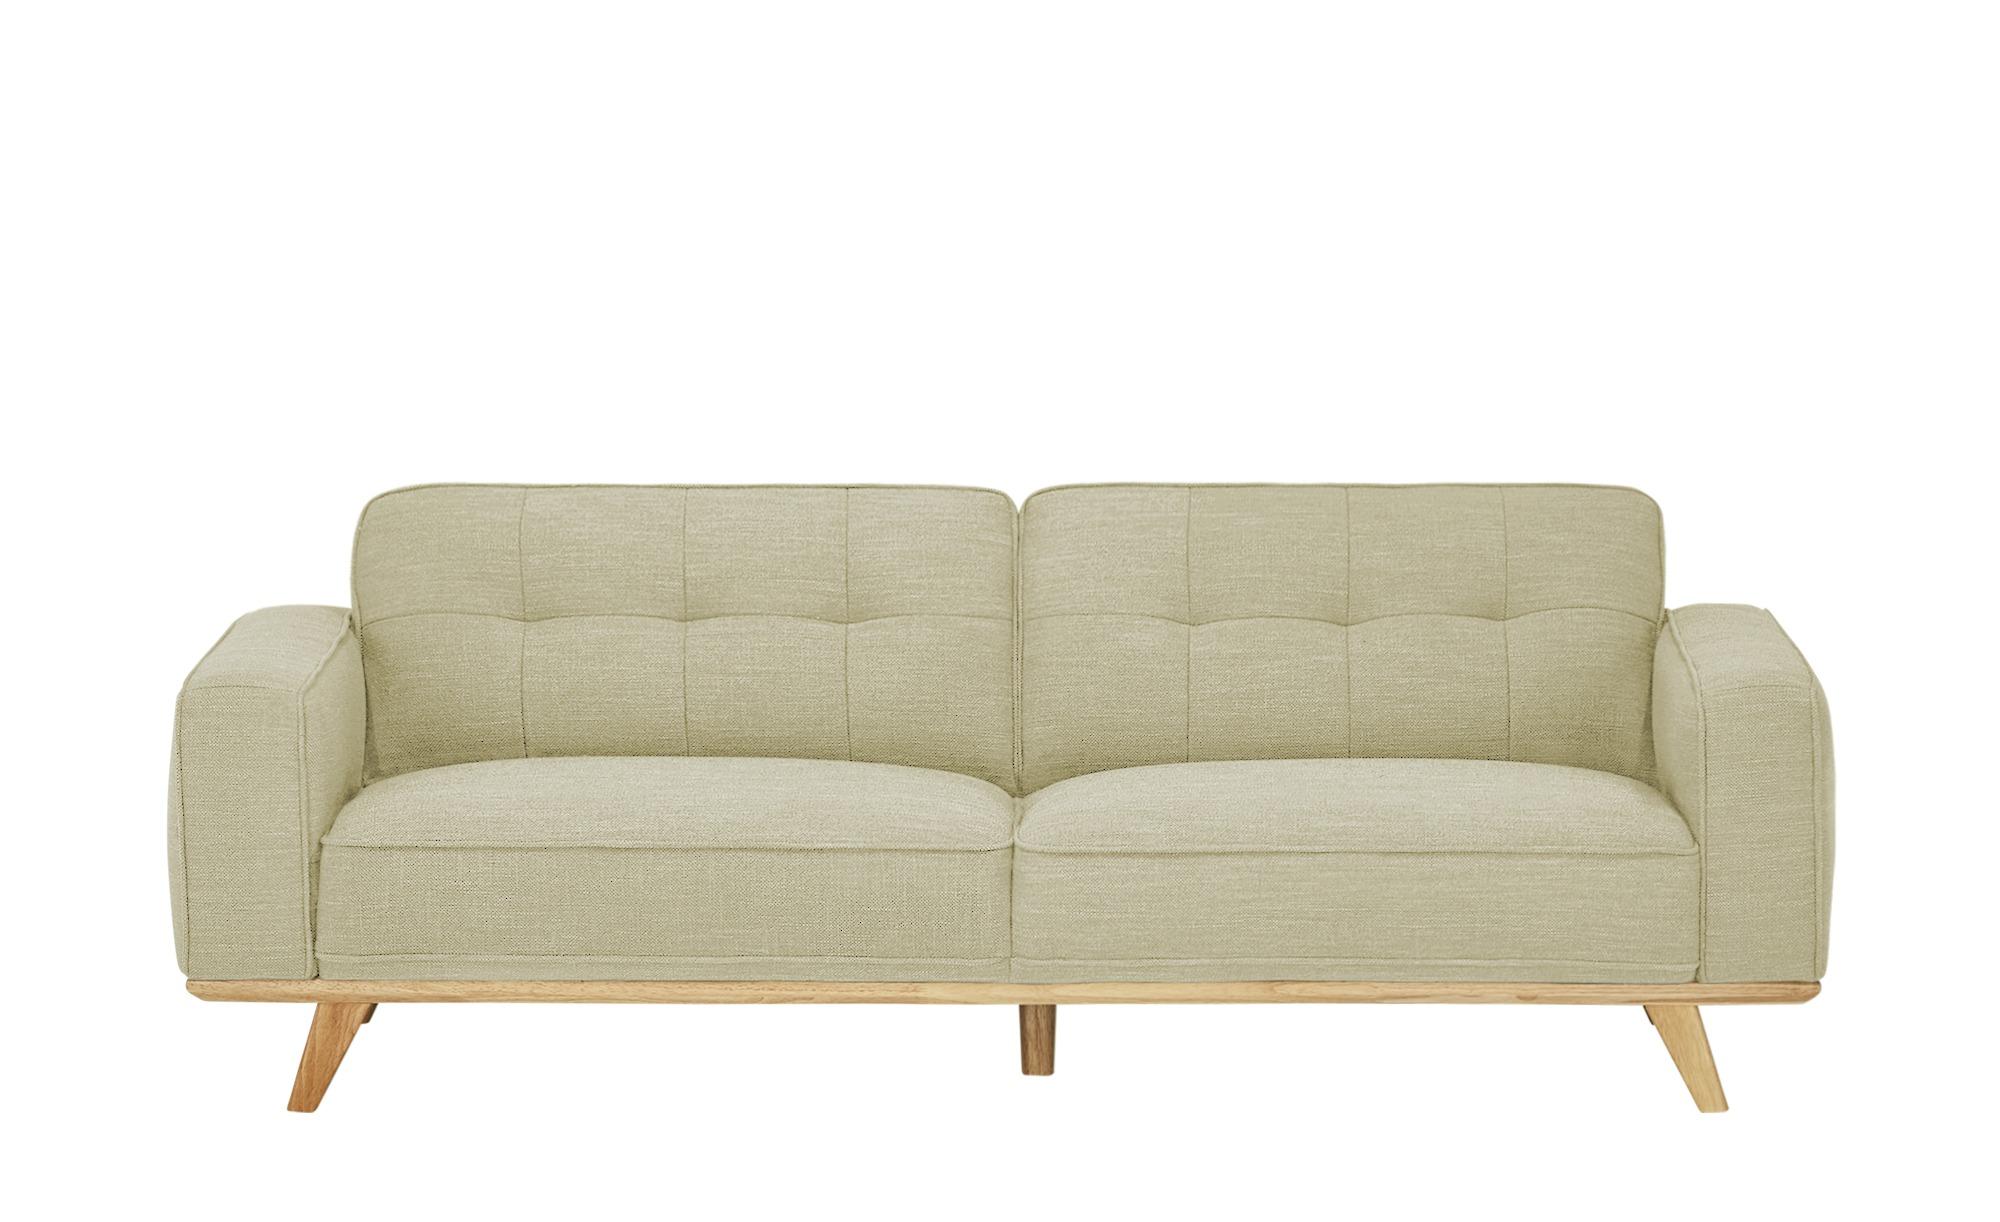 uno Sofa, 3-sitzig  Caralina ¦ beige ¦ Maße (cm): B: 227 H: 78 T: 95 Polstermöbel > Sofas > 3-Sitzer - Höffner